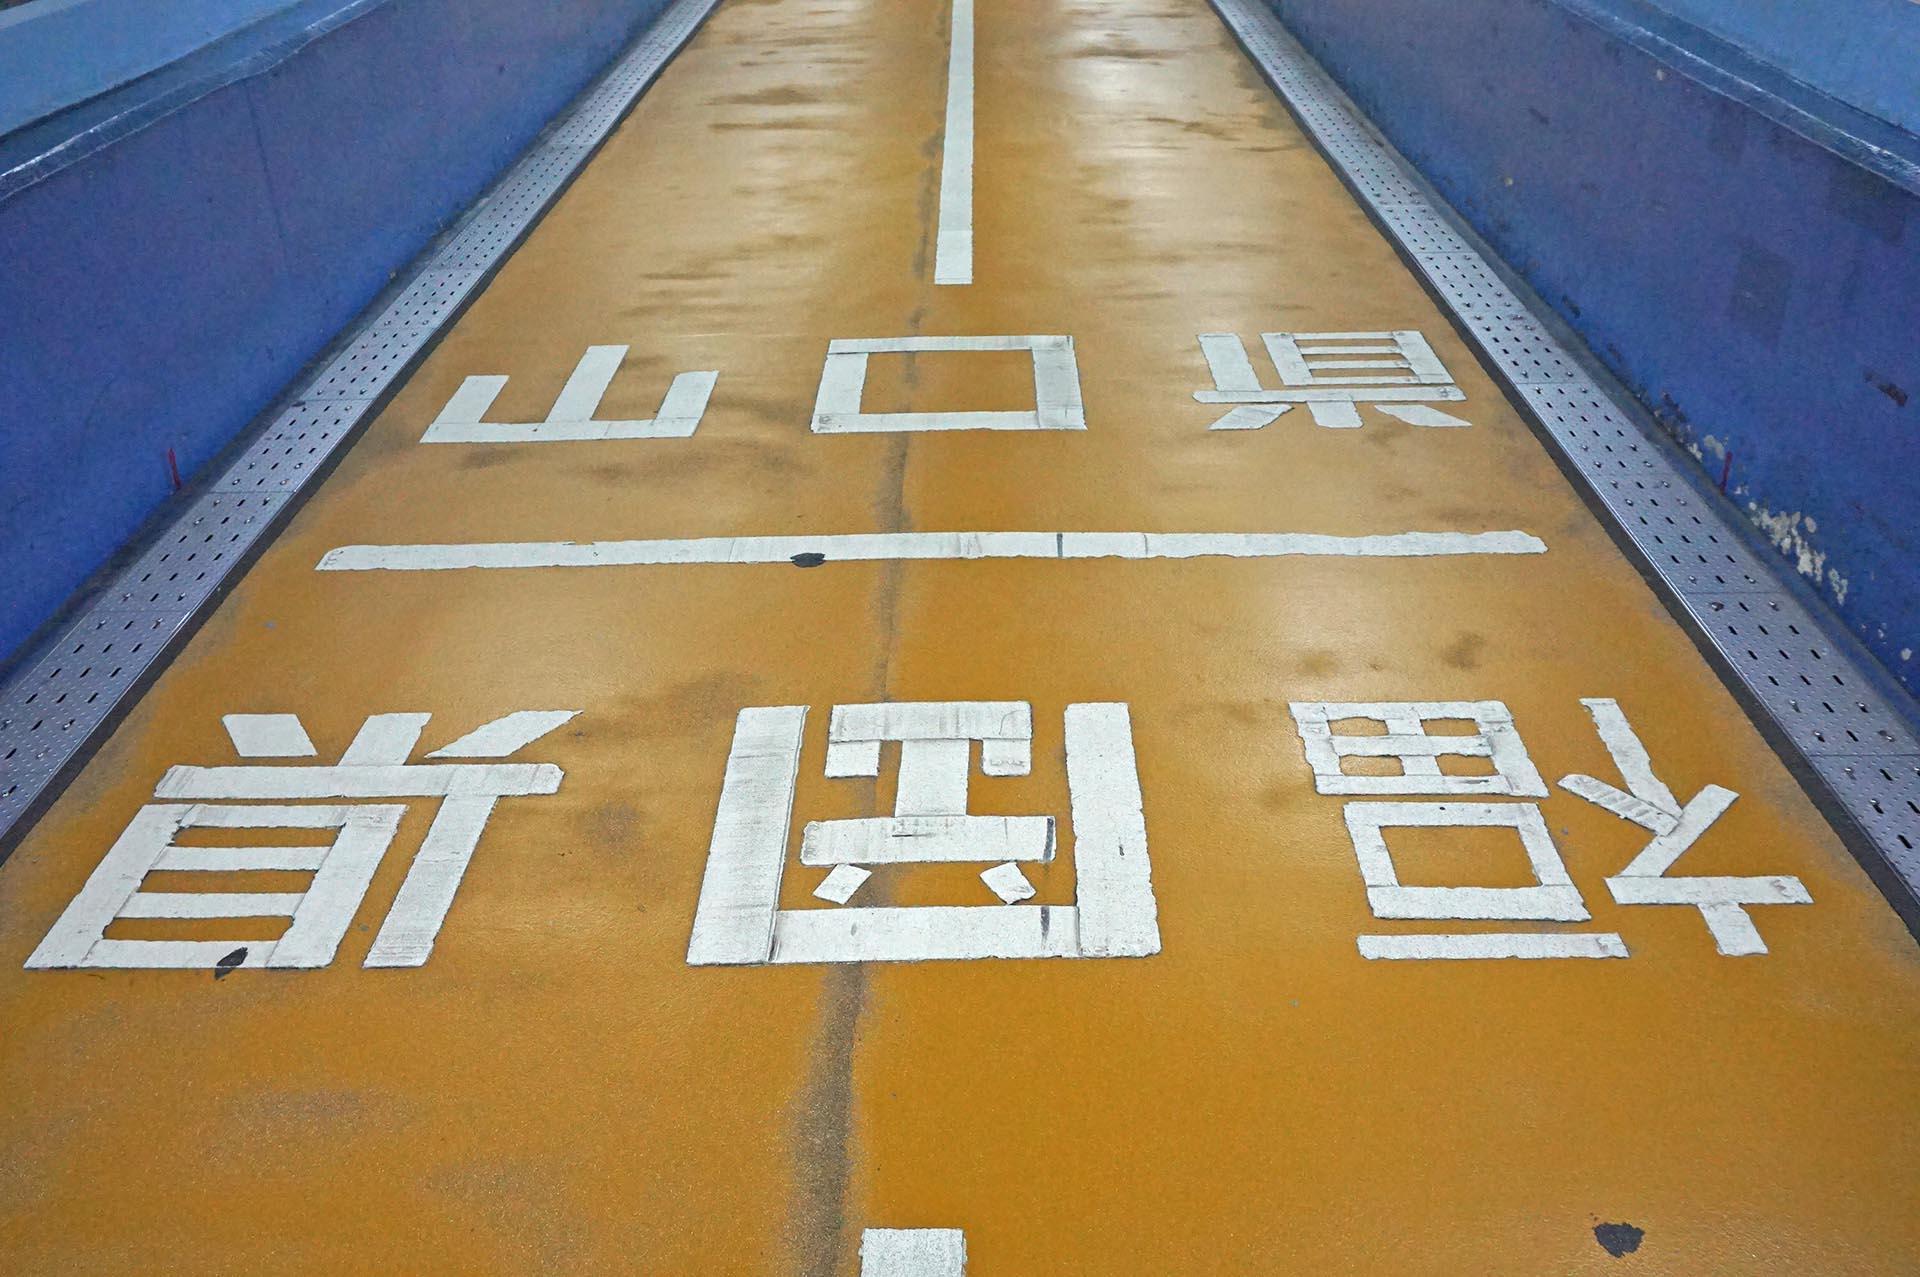 関門トンネル人道の福岡県と山口県の県境